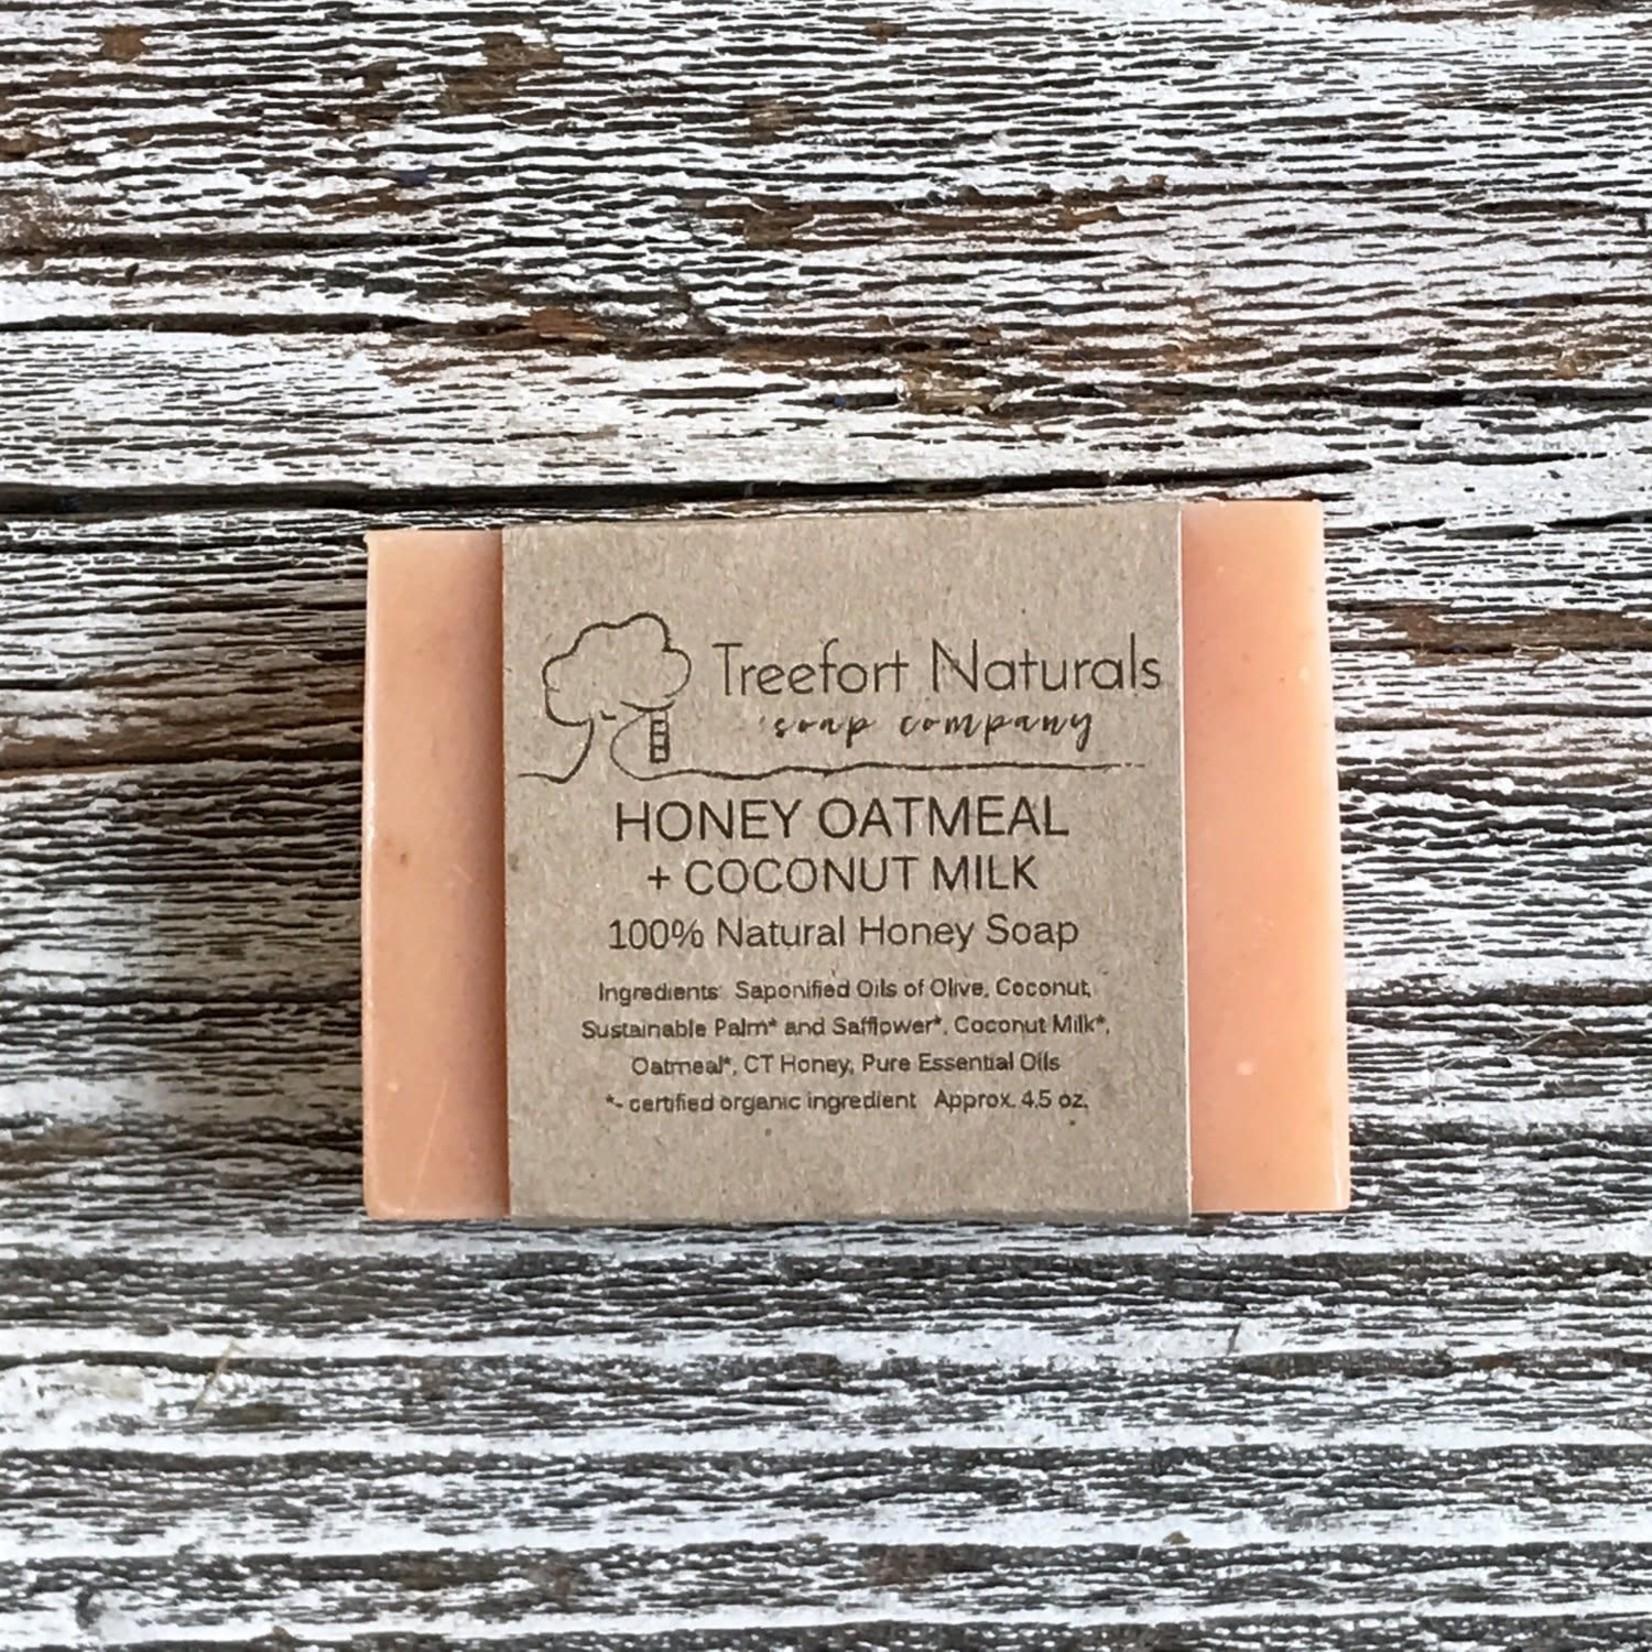 Treefort Naturals Treefort Naturals Honey Oatmeal Soap